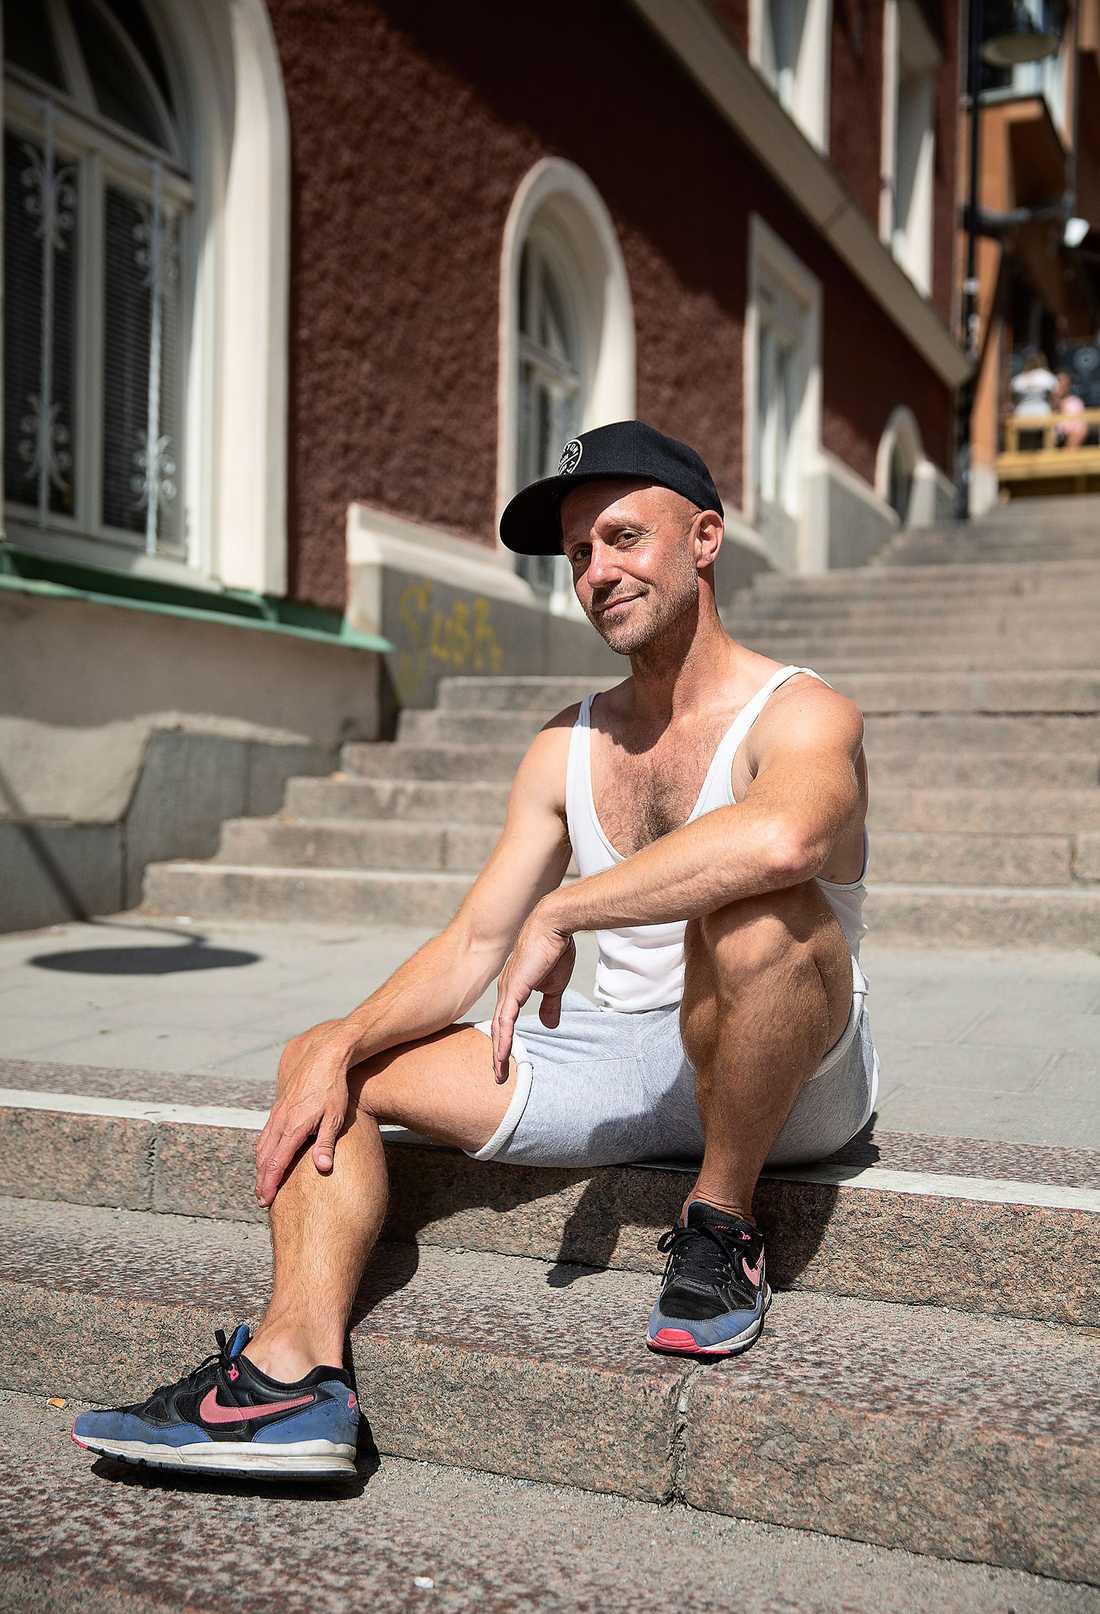 """""""Nyförälskad i mitt unga jag"""". Under arbetet med """"Fröding dansade aldrig på bögklubb i Damaskus"""" insåg Fredrik Apollo Asplund att han trots allt var stark som liten gosse."""